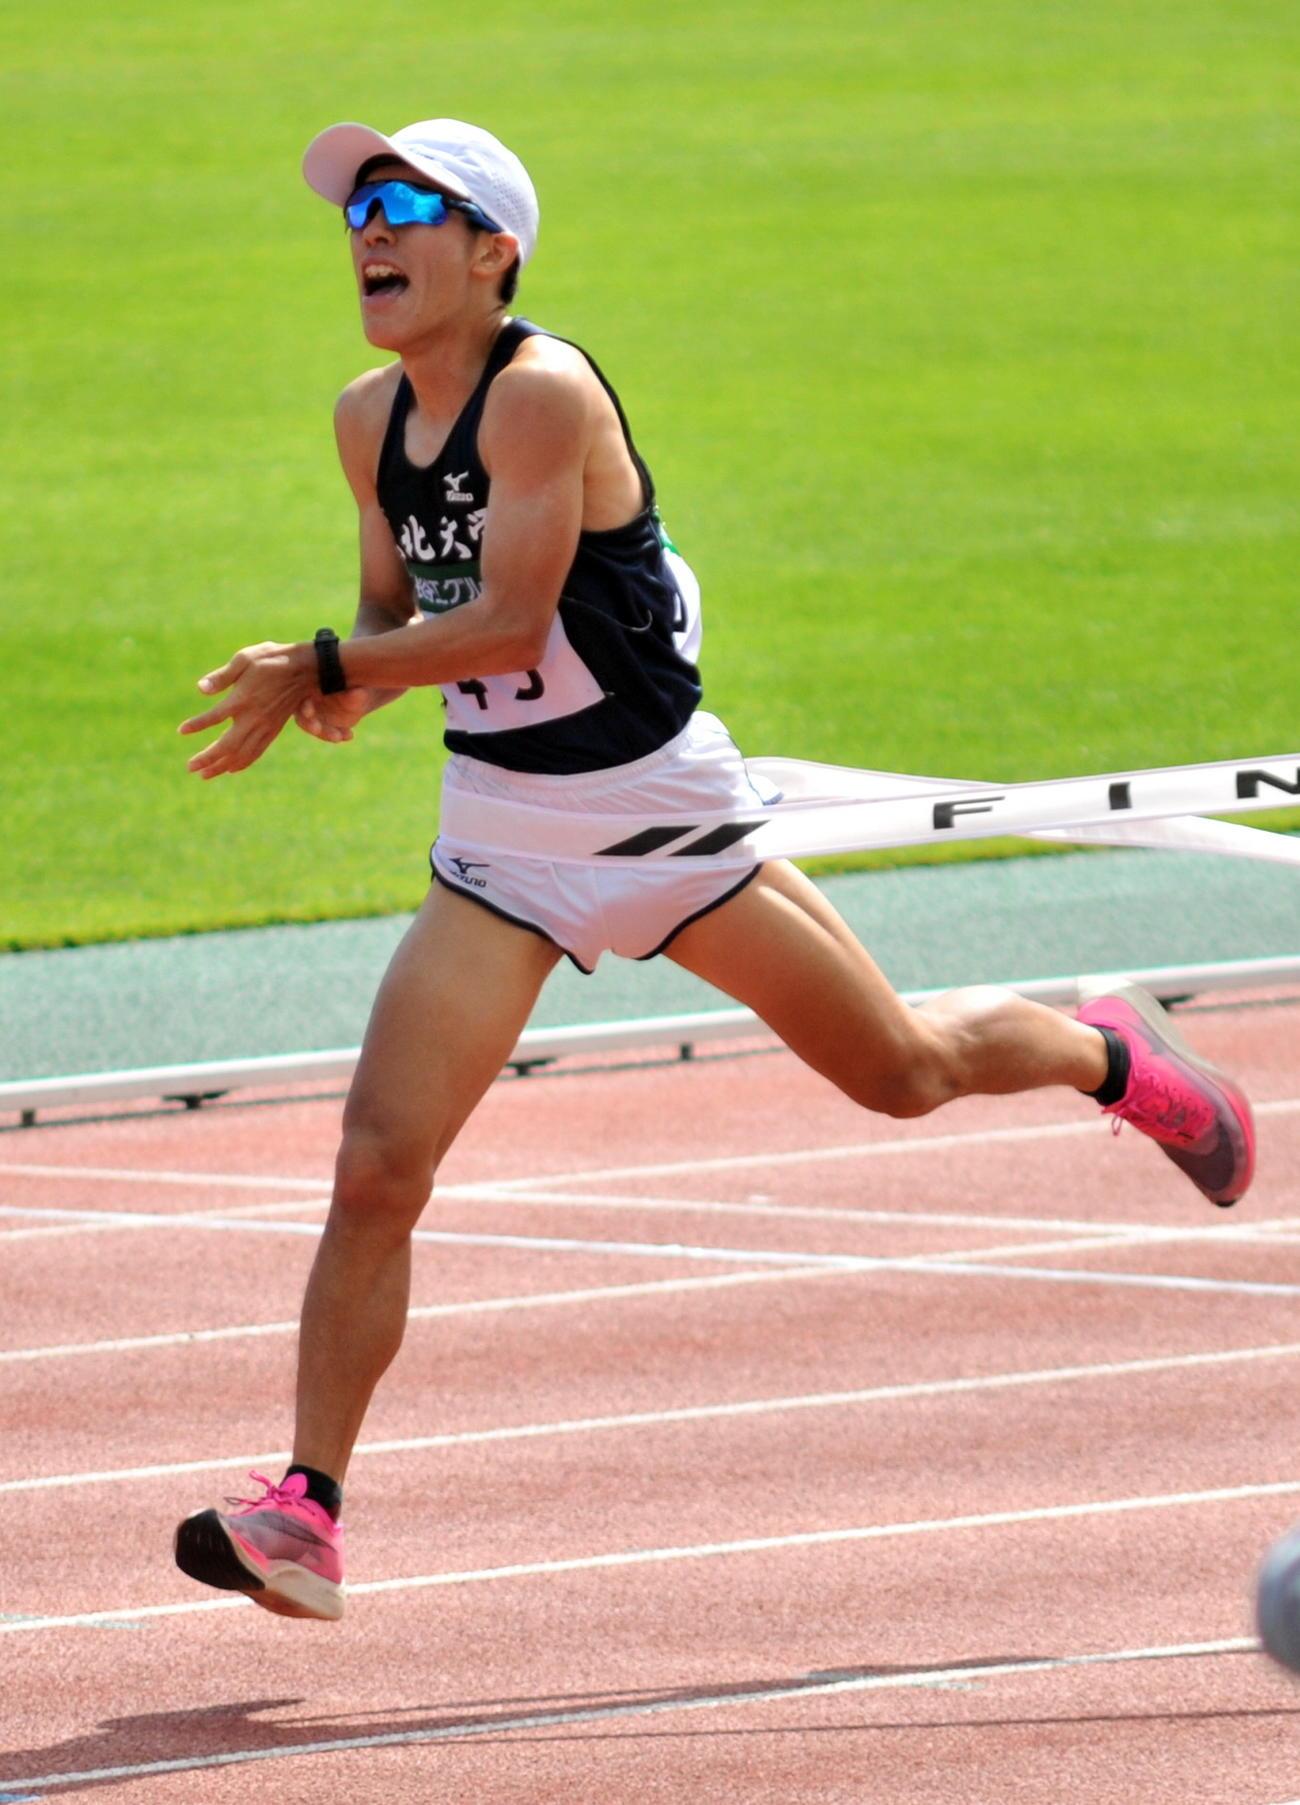 東北大の松浦は2年ぶり優勝で駅伝チームの全国切符獲得に貢献